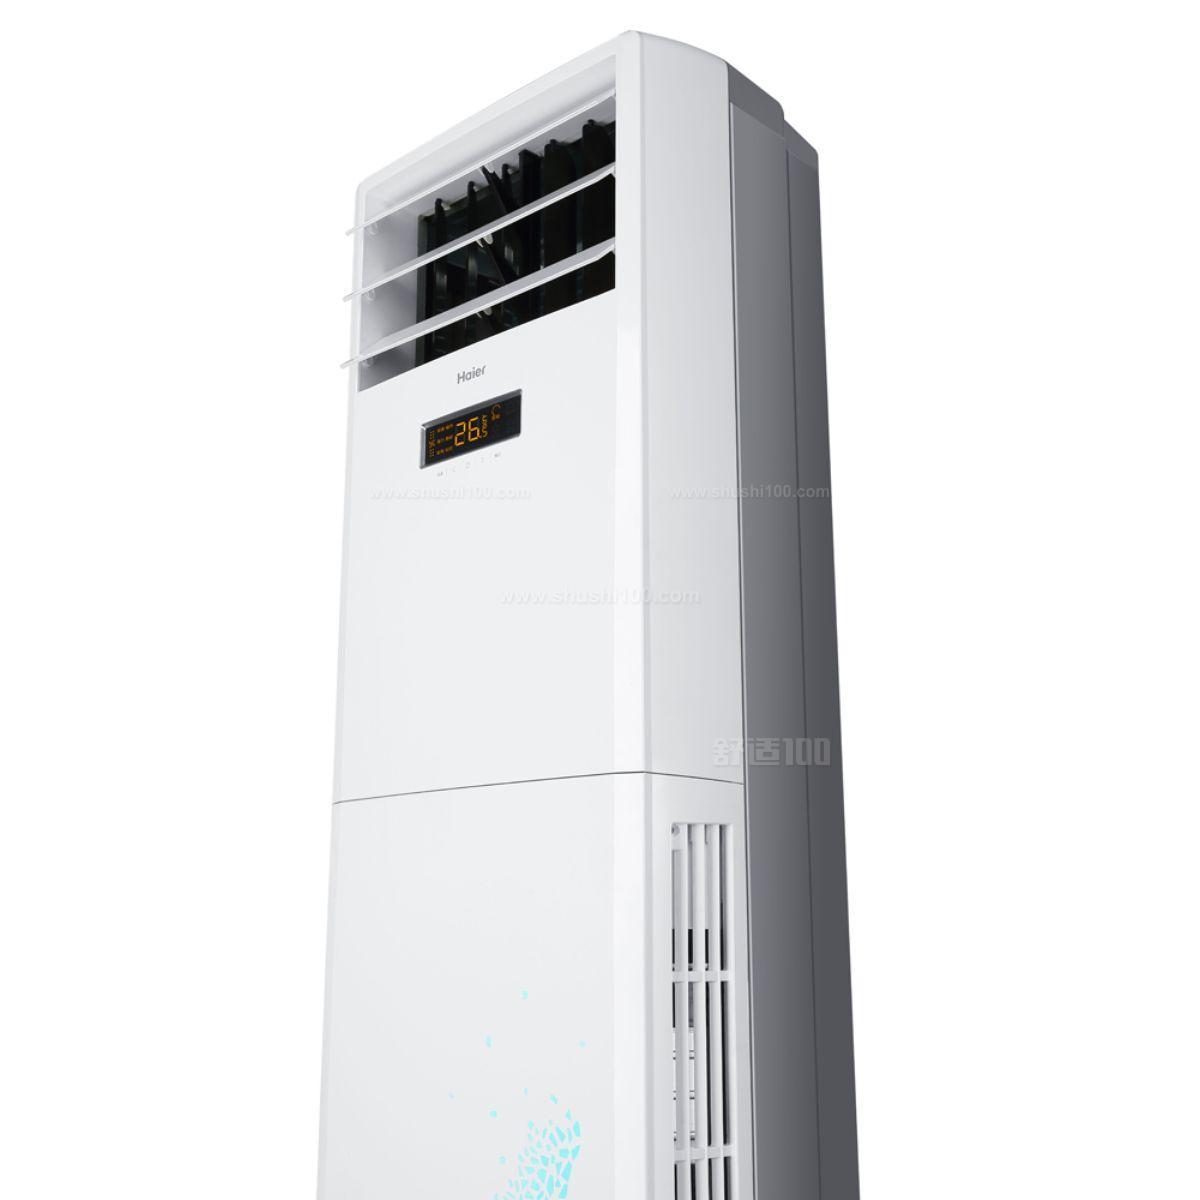 海尔小元帅柜式空调—海尔小元帅柜式空调怎么样